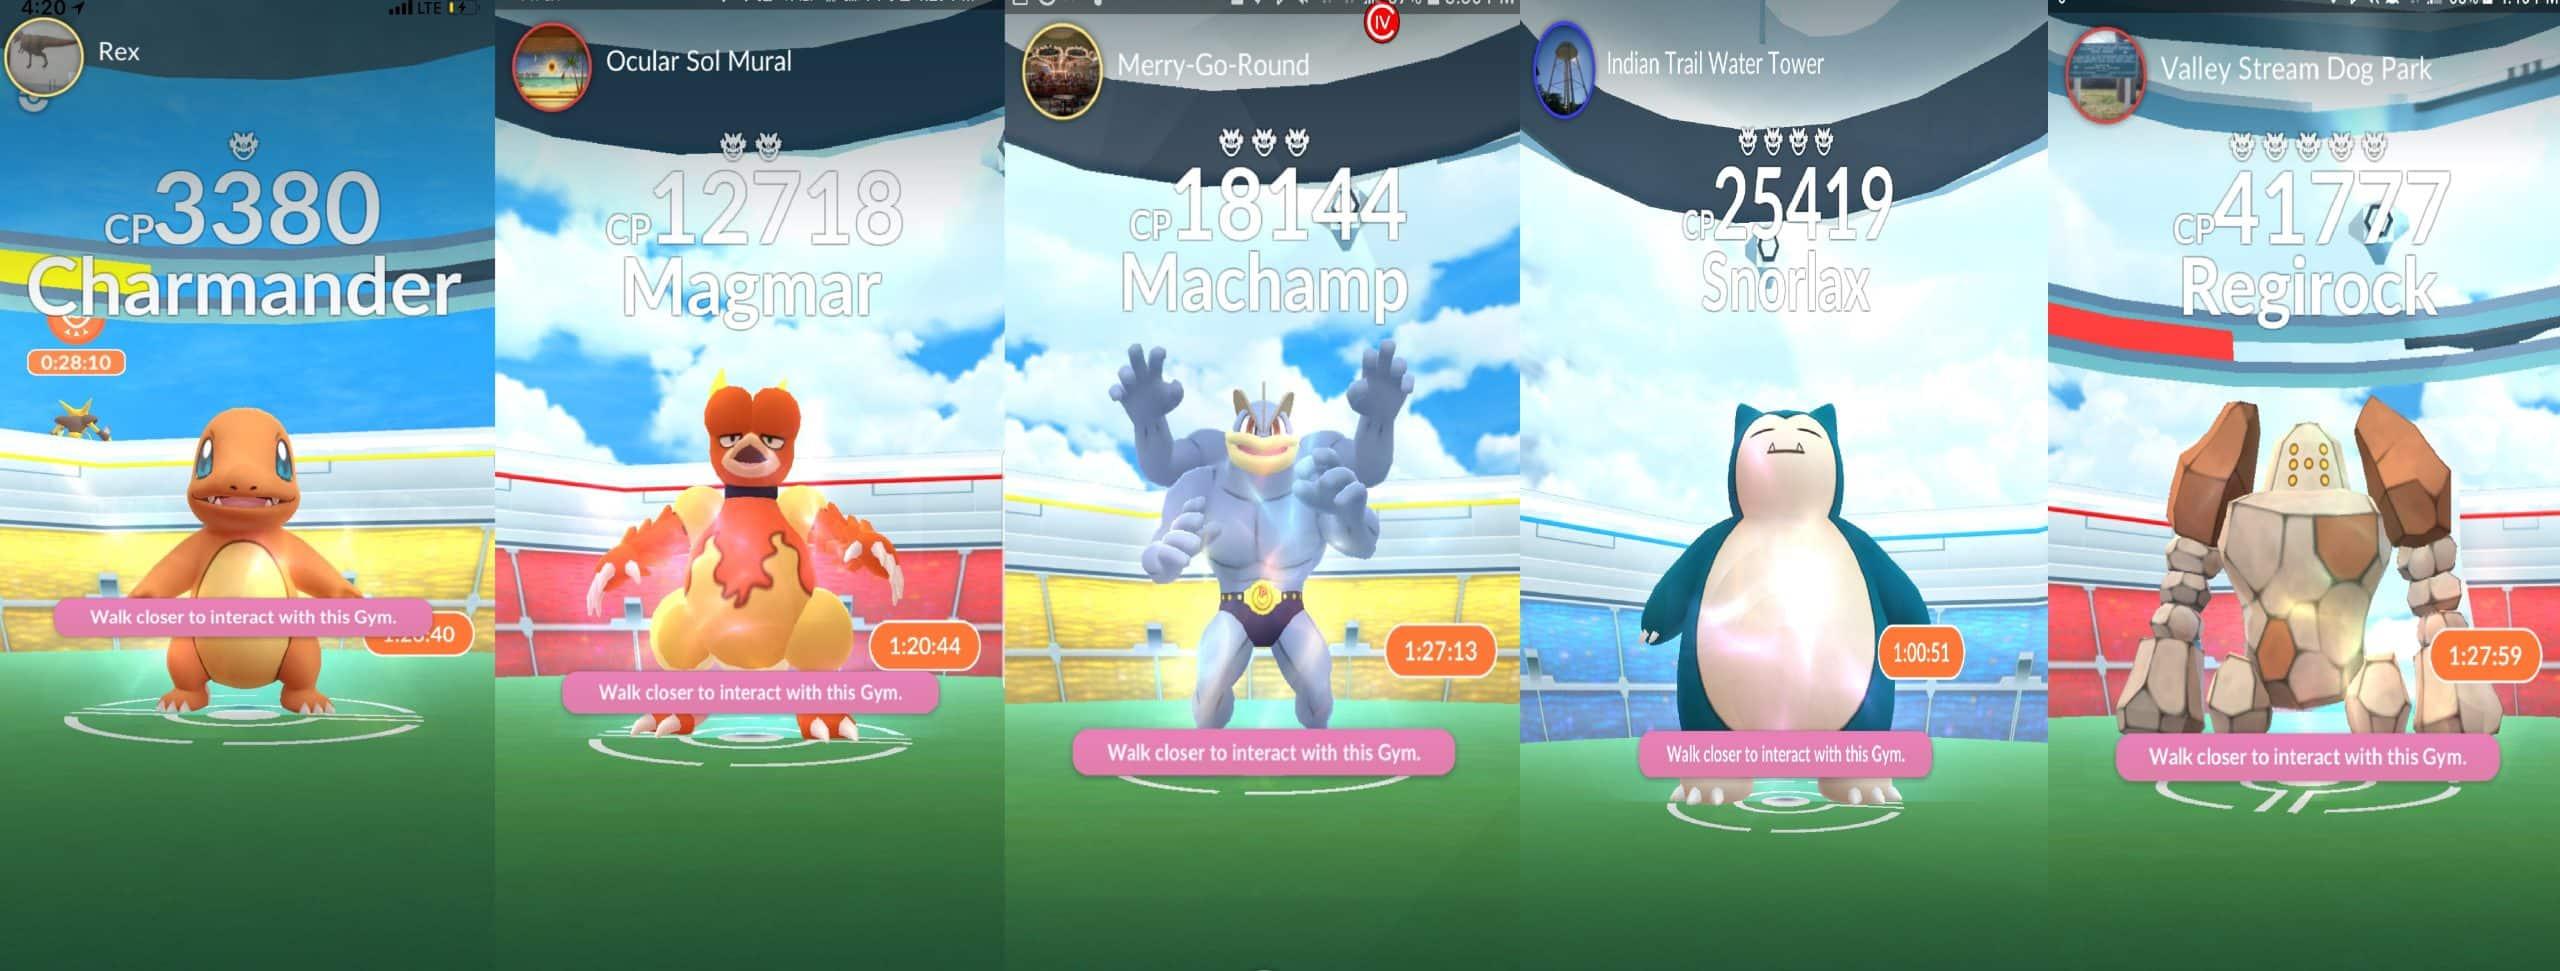 pokemon go raid bosses september rotation